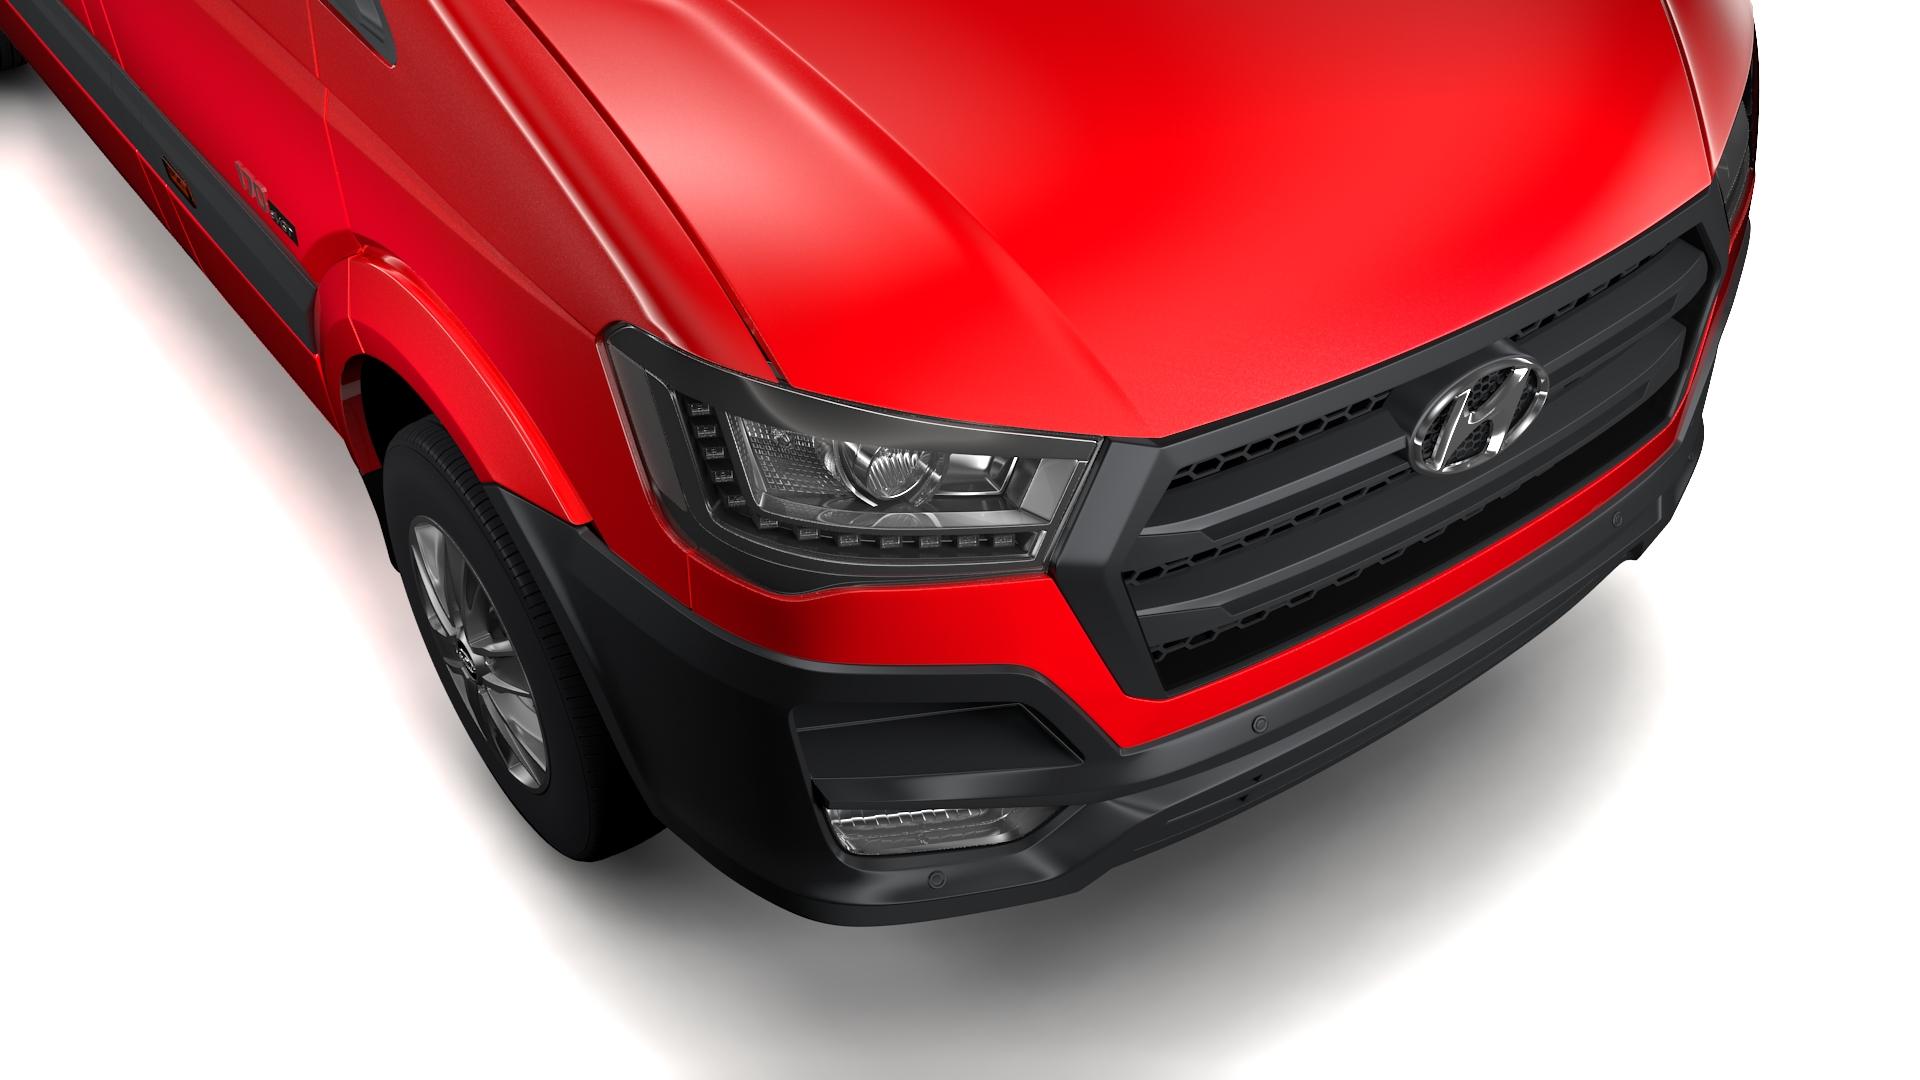 hyundai h350 van swb 2017 3d modelis 3ds maks.